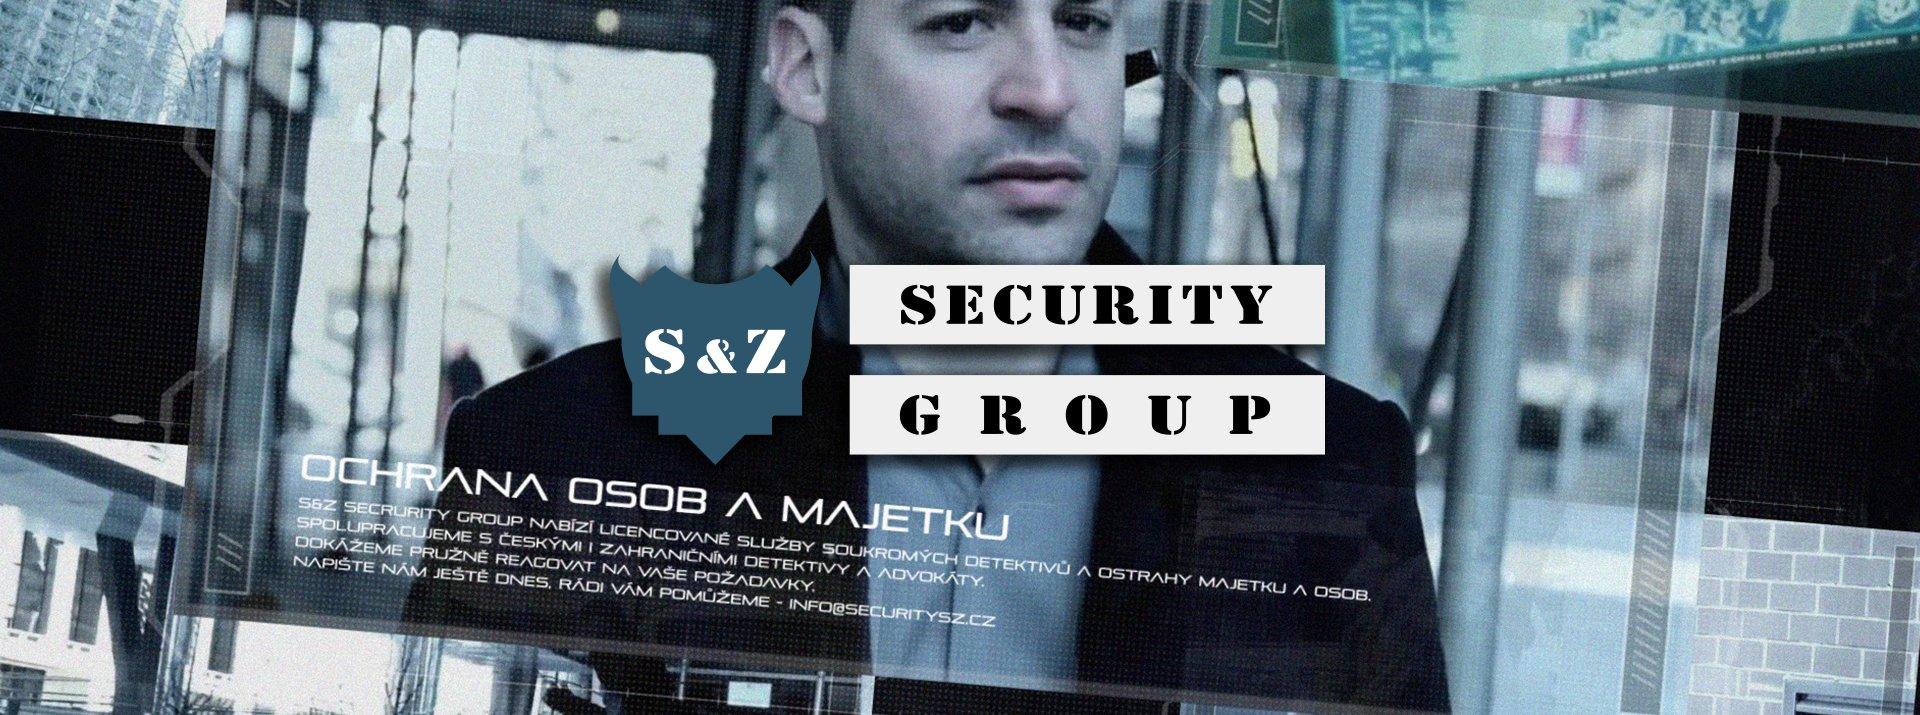 security-plzen-4.jpg